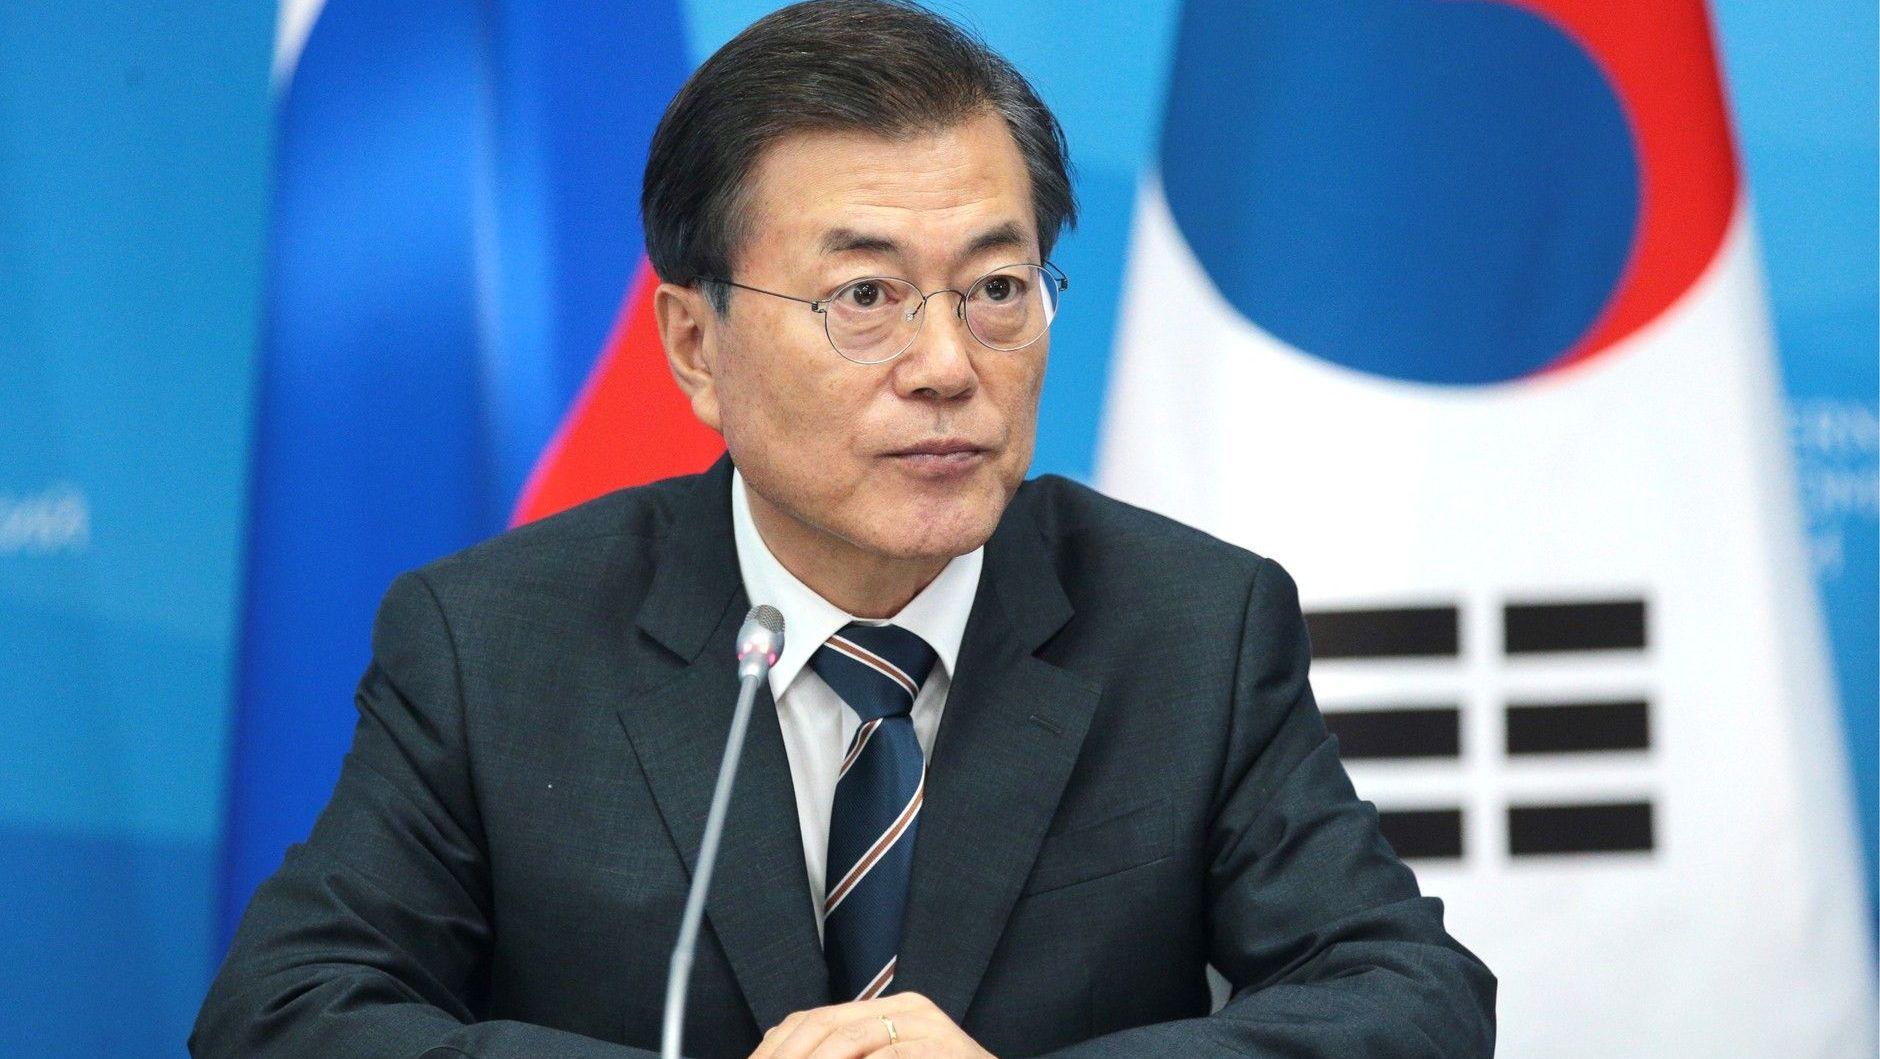 Южная Корея начала учения ВМС врайоне неоднозначных сЯпонией островов